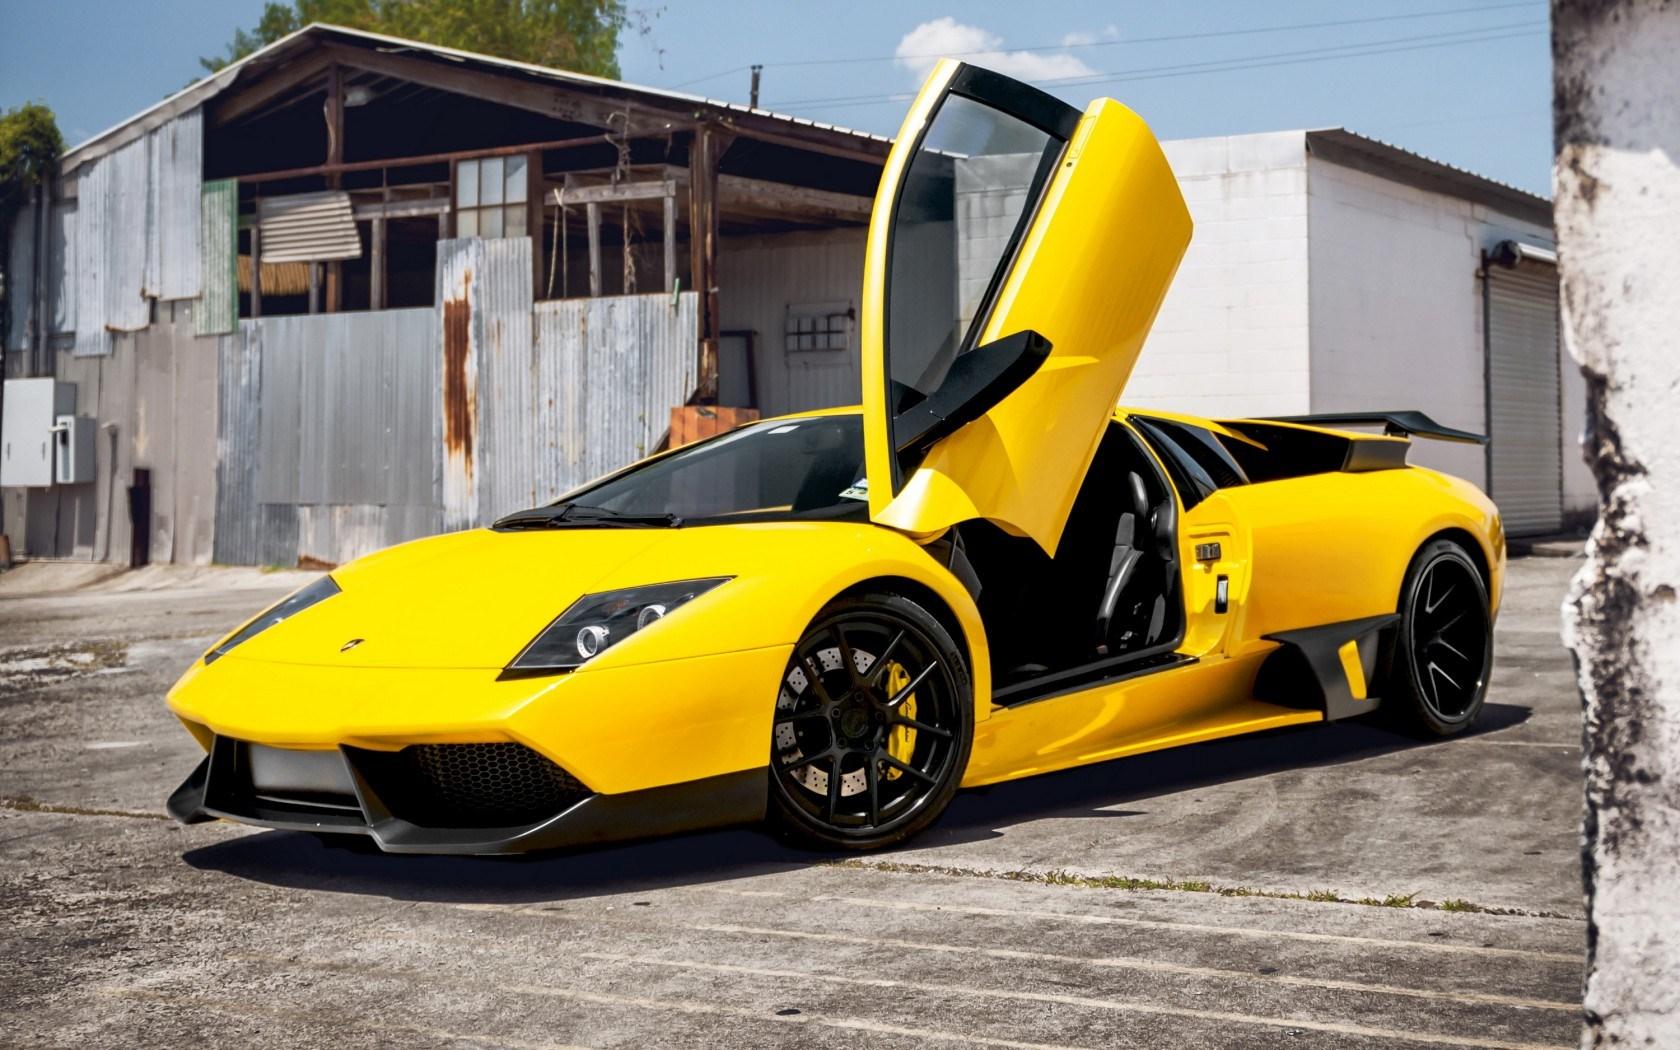 Lamborghini Murcielago Yellow HD Wallpaper